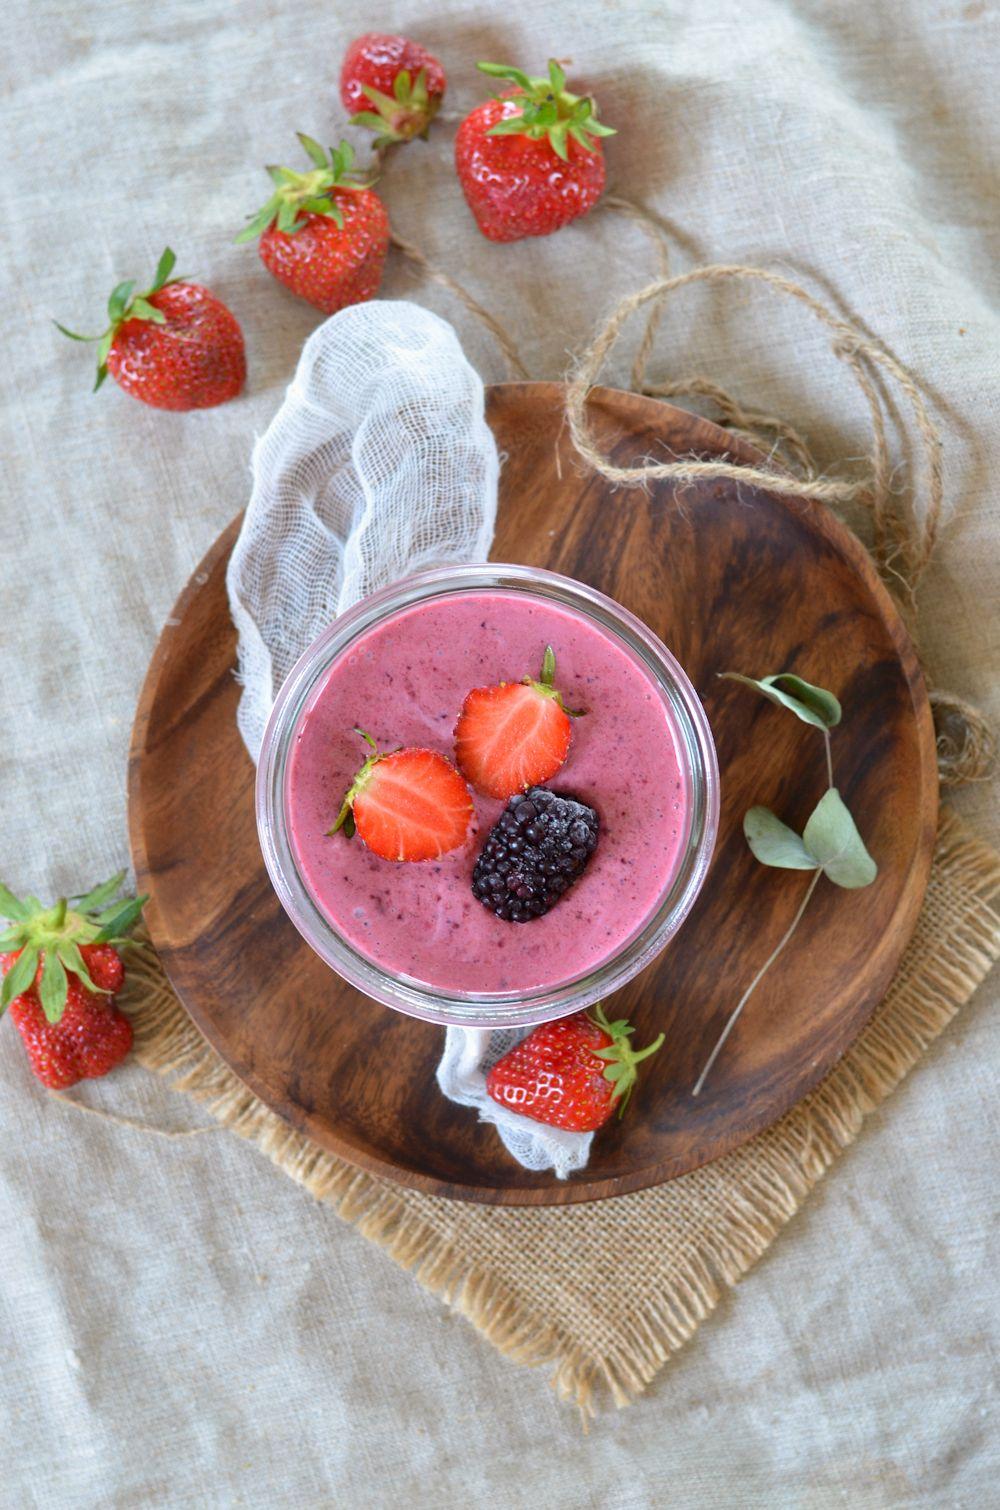 Yaourt glacé aux fruits rouges